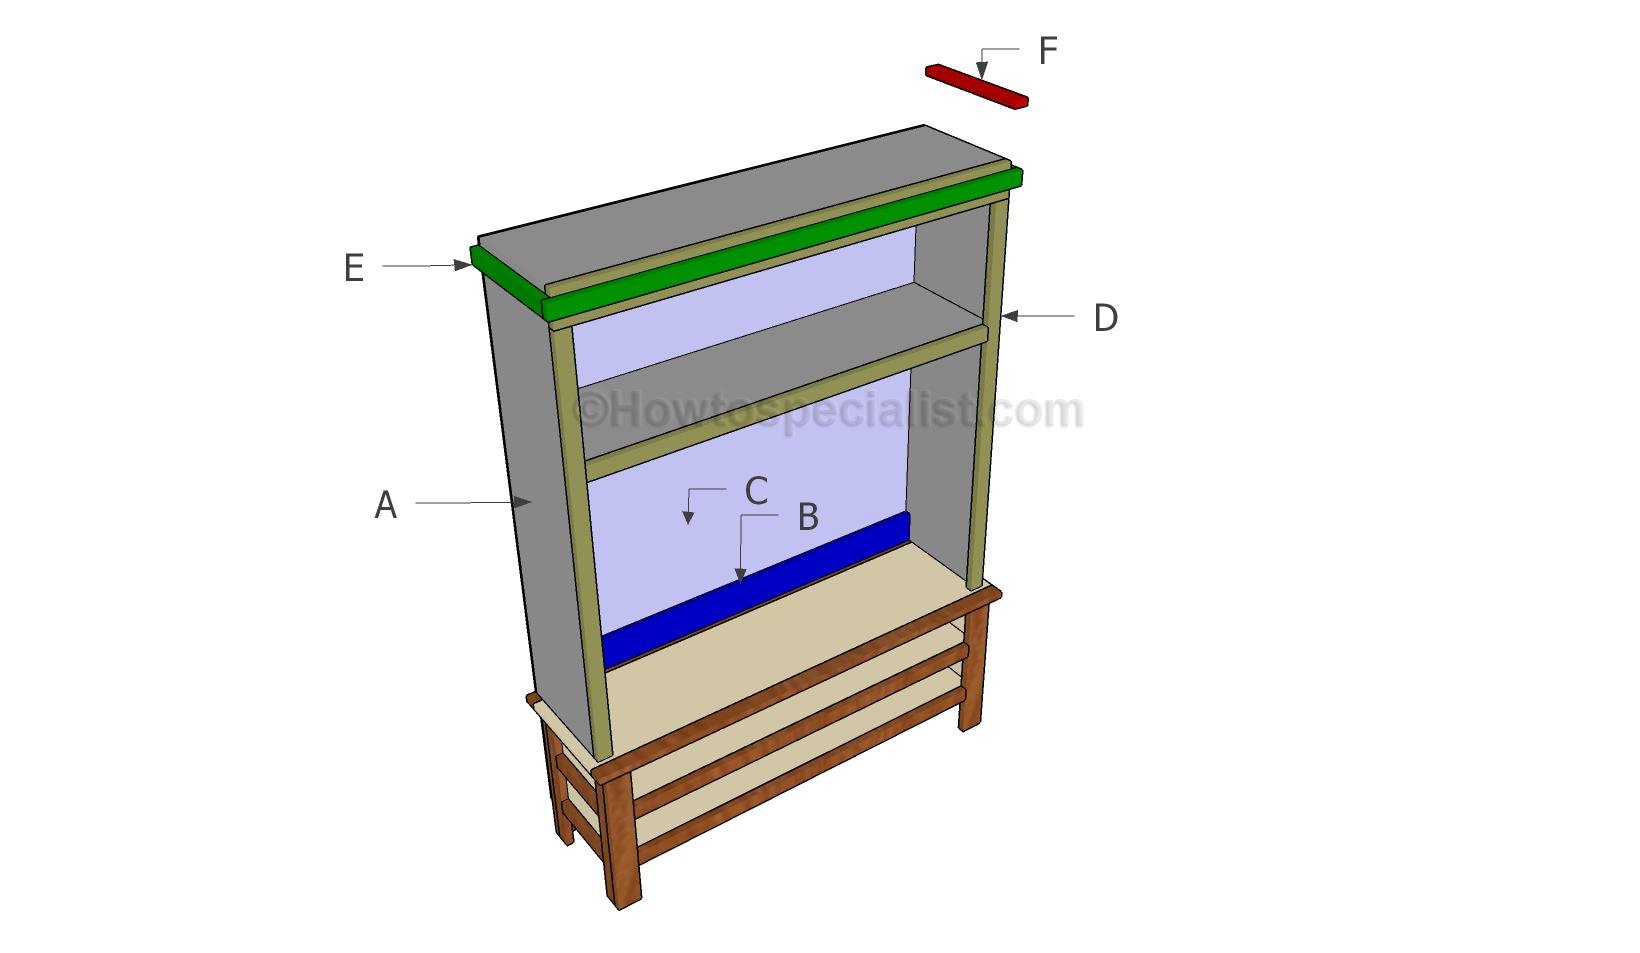 Building a console hutch